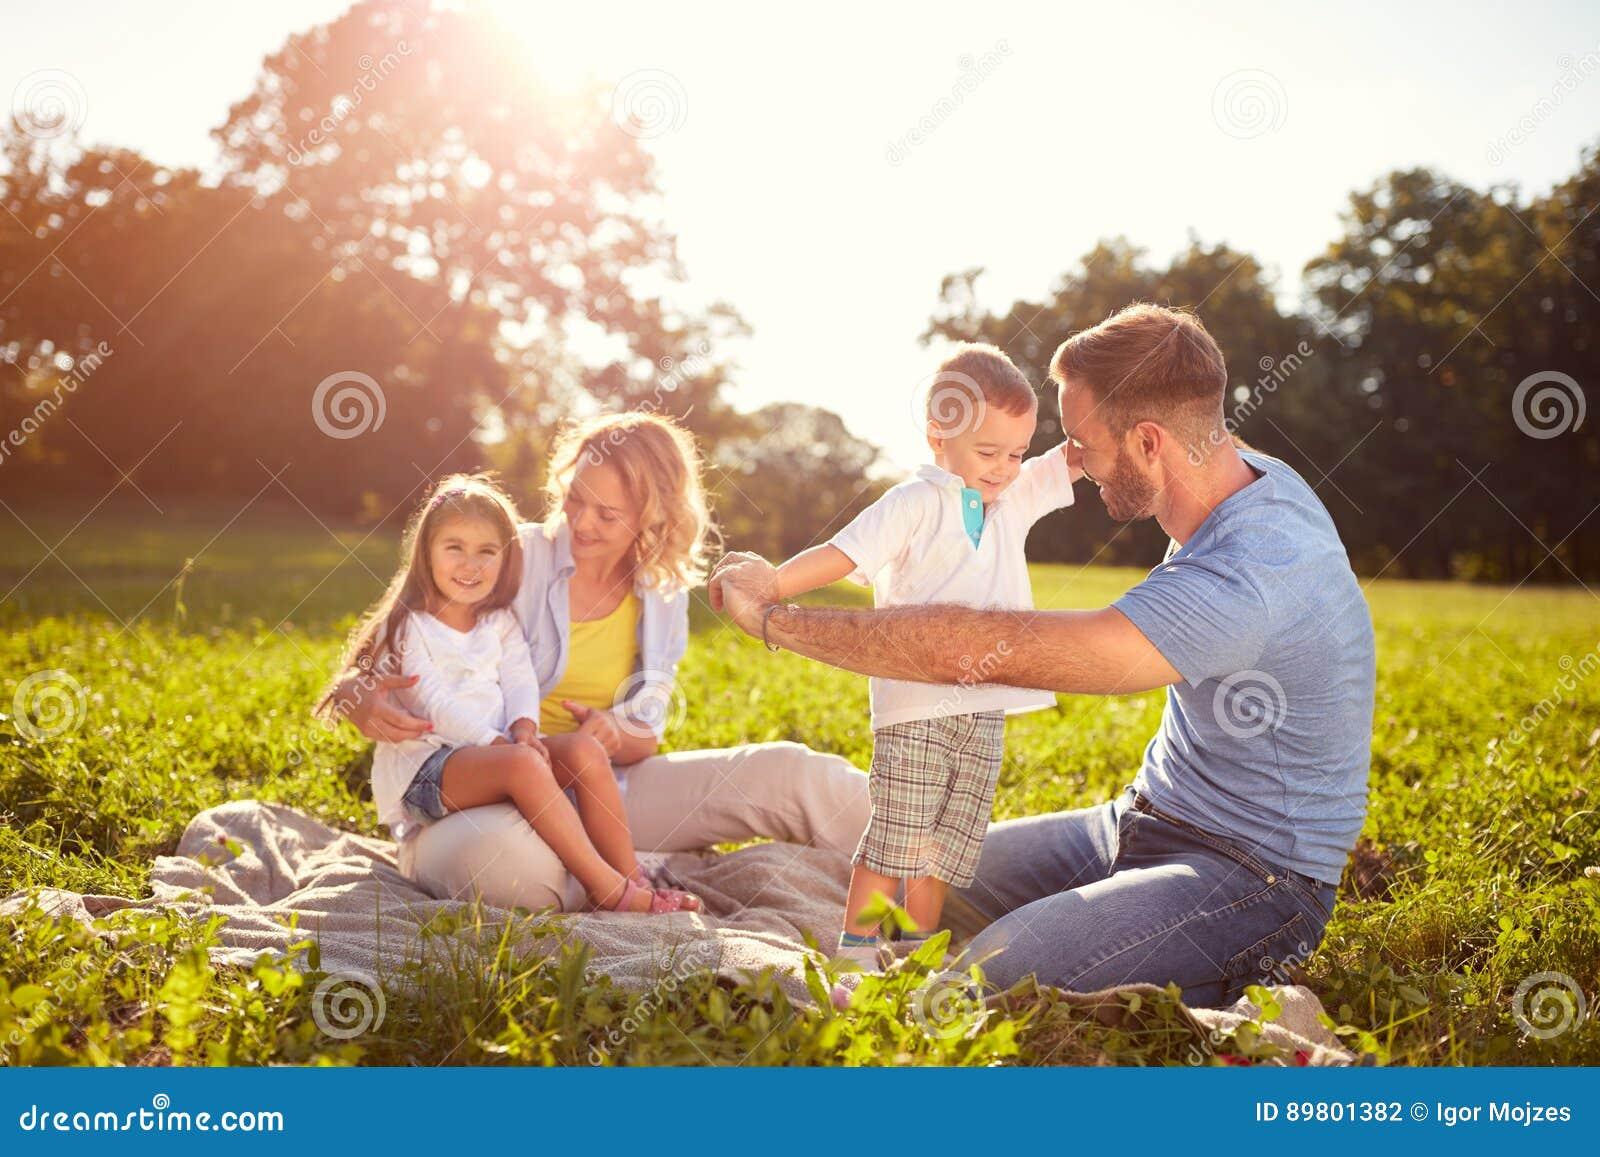 Familie auf Picknick im Park